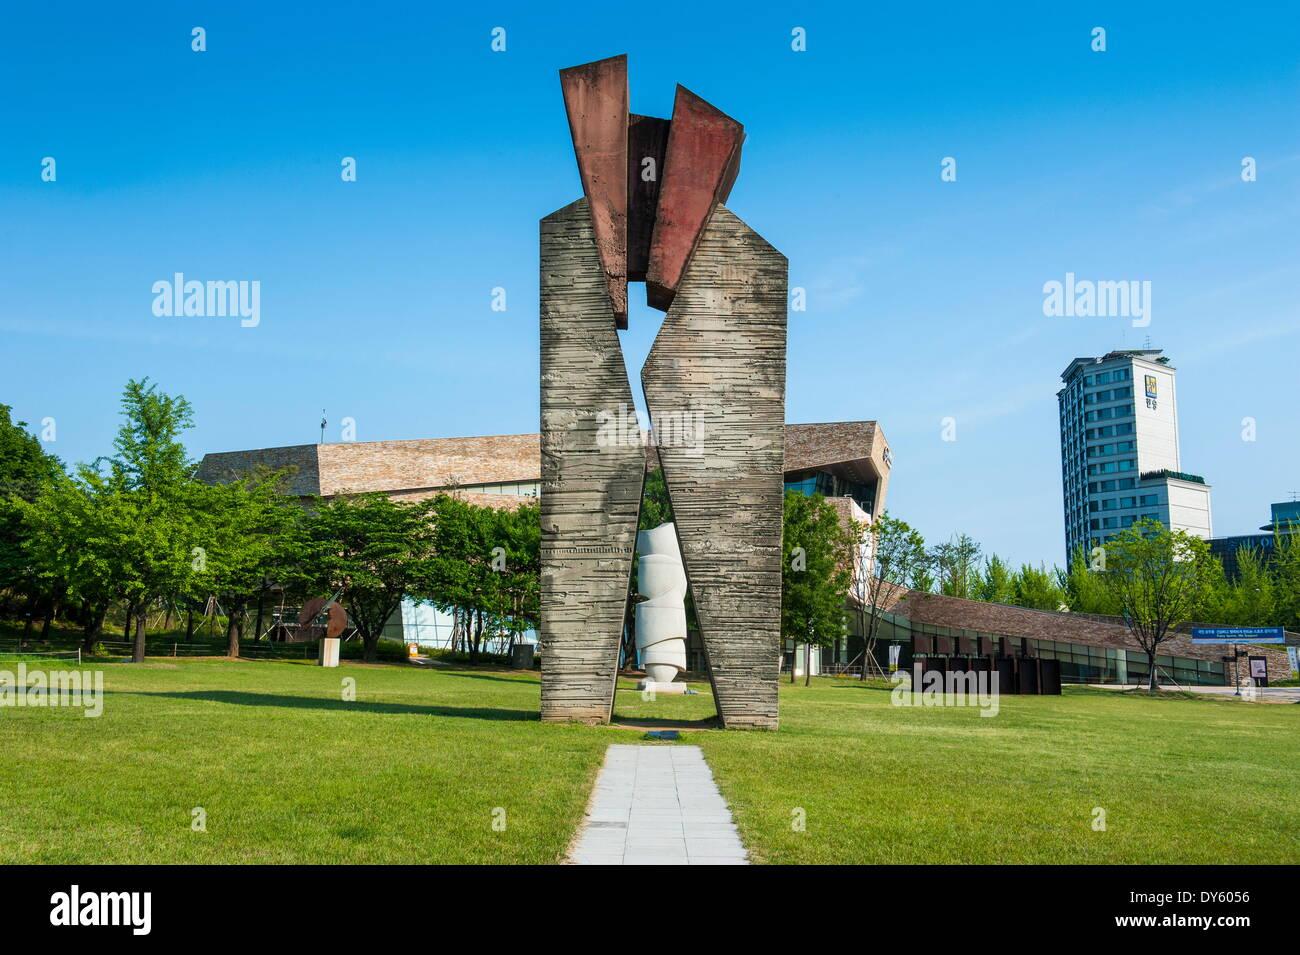 Arte moderno en el Parque Olímpico de Seúl, Corea del Sur, Asia Imagen De Stock